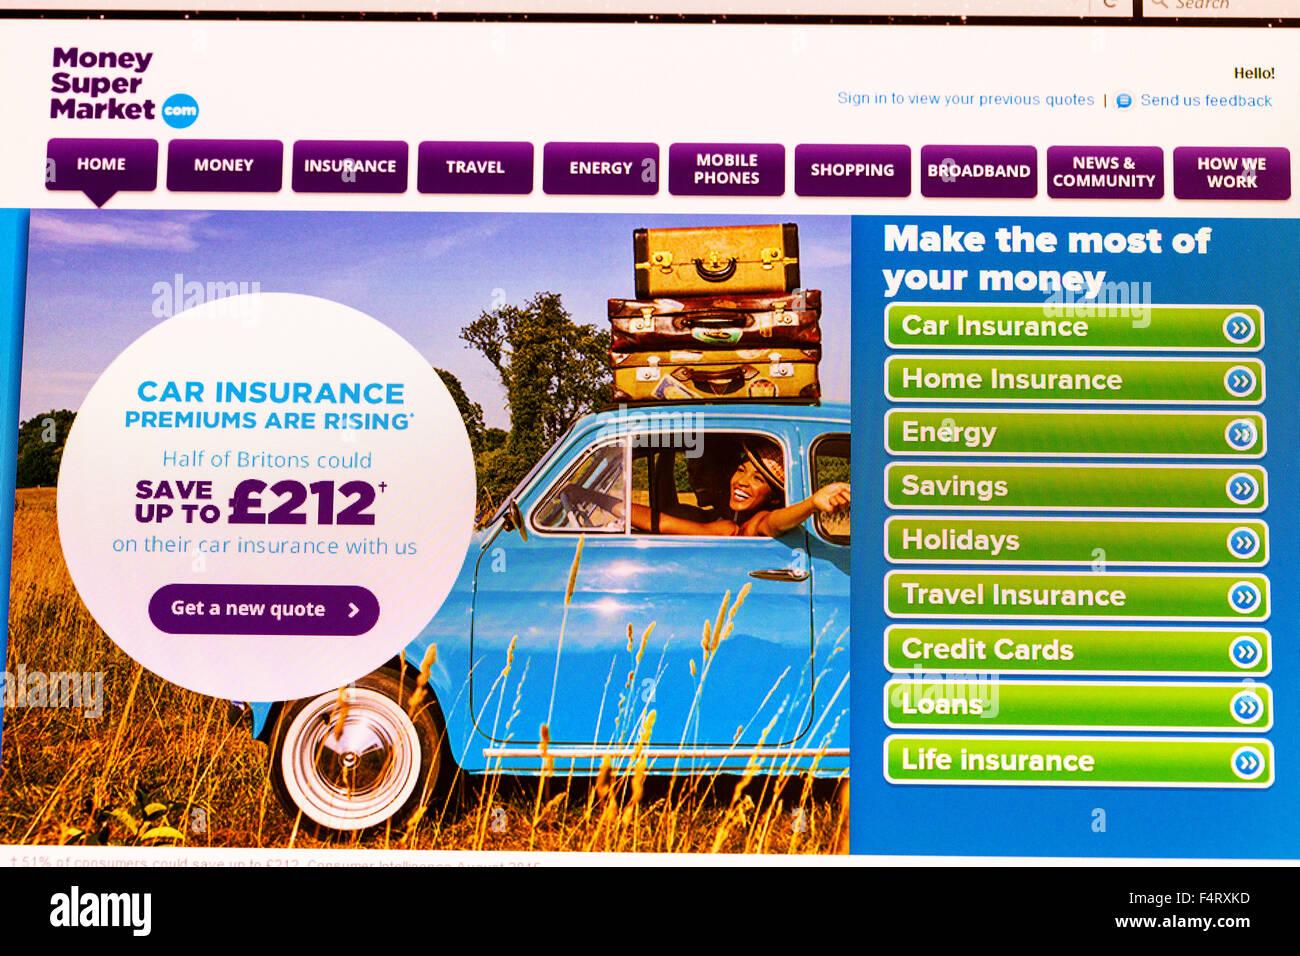 Soldi super mercato confronto website homepage energia assicurazione supermercato online screenshot dello schermo Immagini Stock